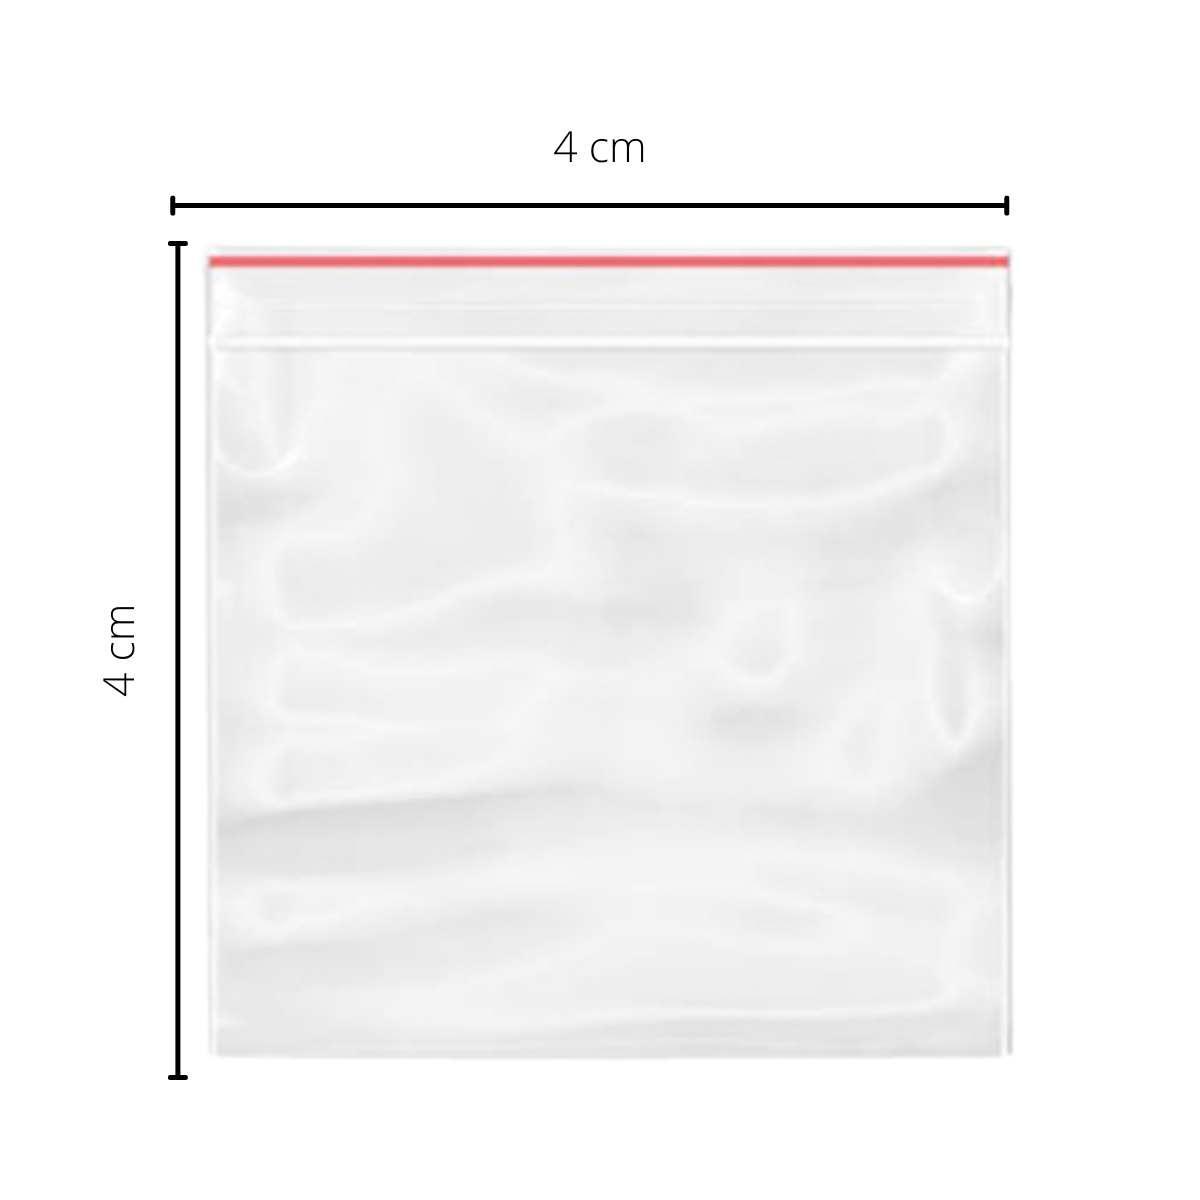 Saquinho Tipo Ziplock Nº0  04x04cm  c/1000  - Emphática